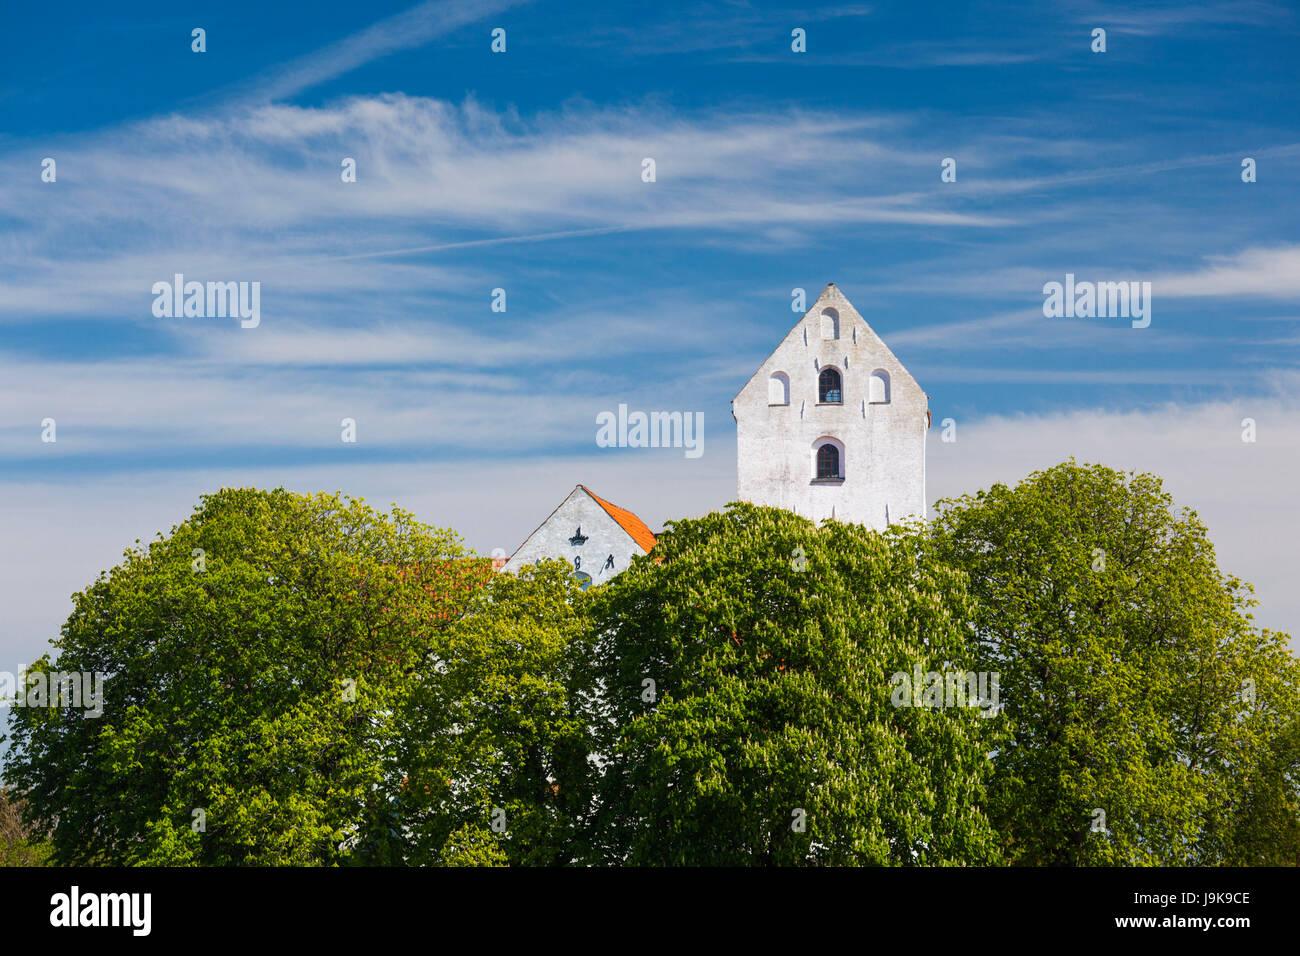 Dinamarca, Langeland, humilde, humilde iglesia de pueblo Imagen De Stock